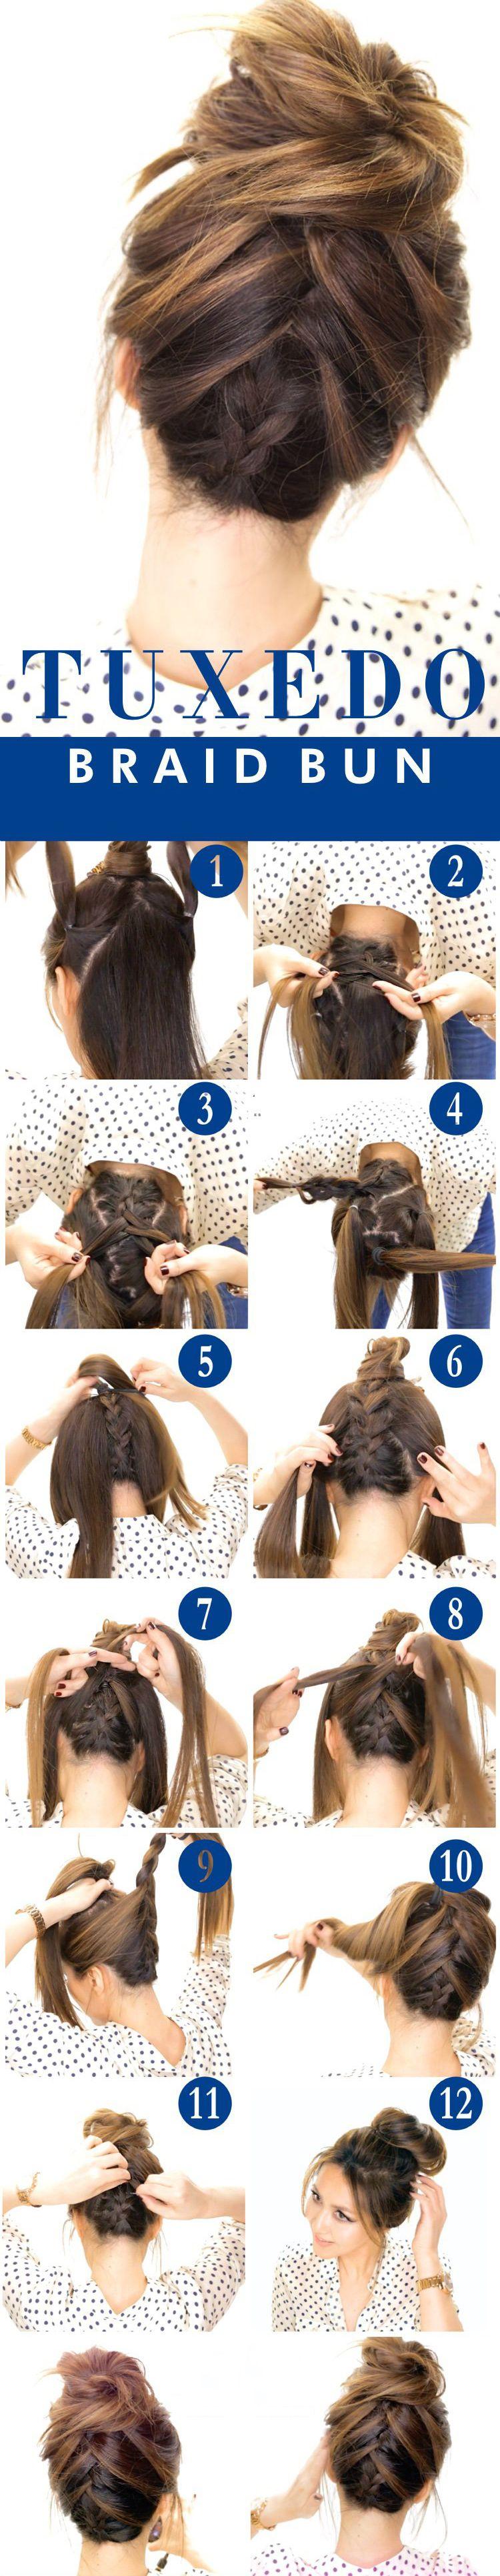 Tuxedo Braid Bun Beauty Hair Guides Pinterest